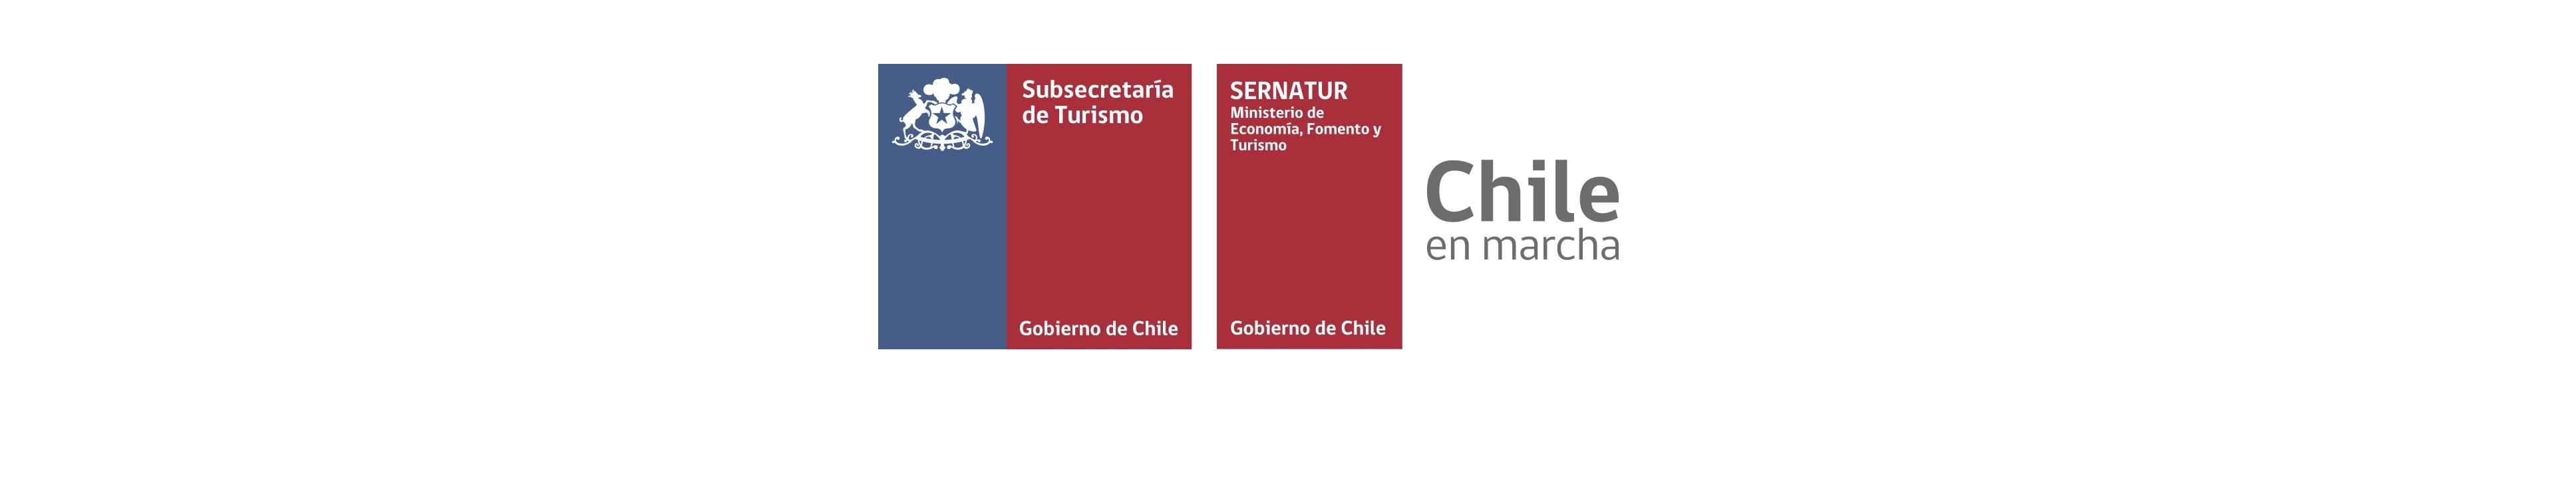 Logos Sernatur y Subsecretaría de Turismo